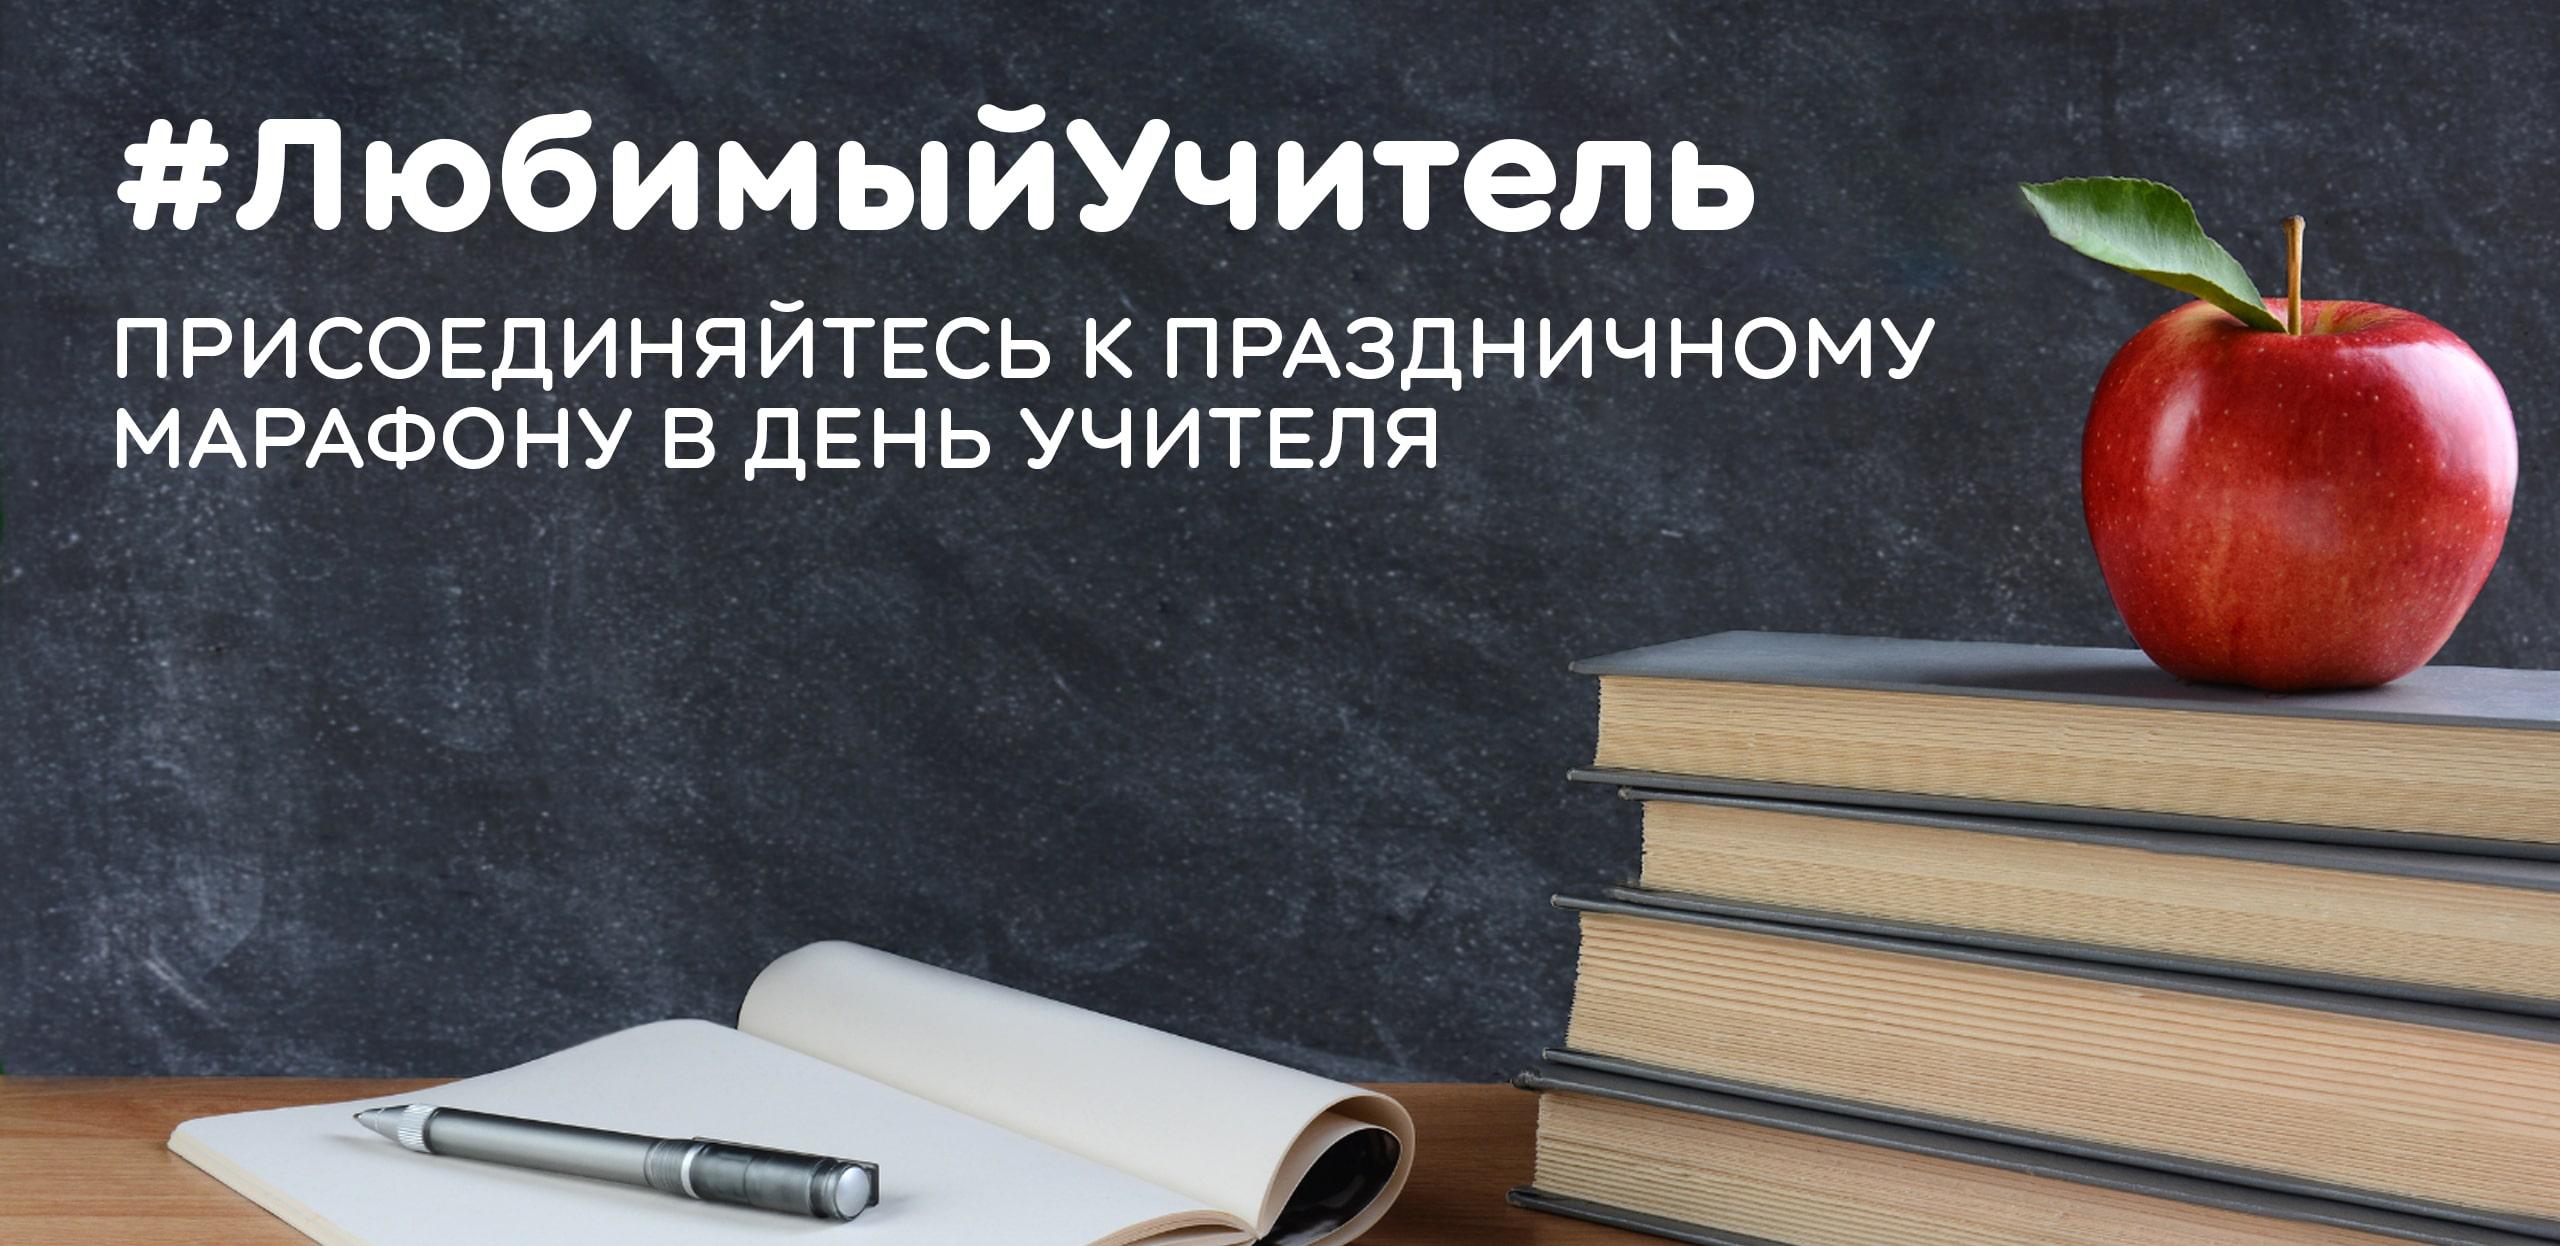 В ОК ко Дню учителя пройдут эфиры о психологической поддержке детей и педагогов